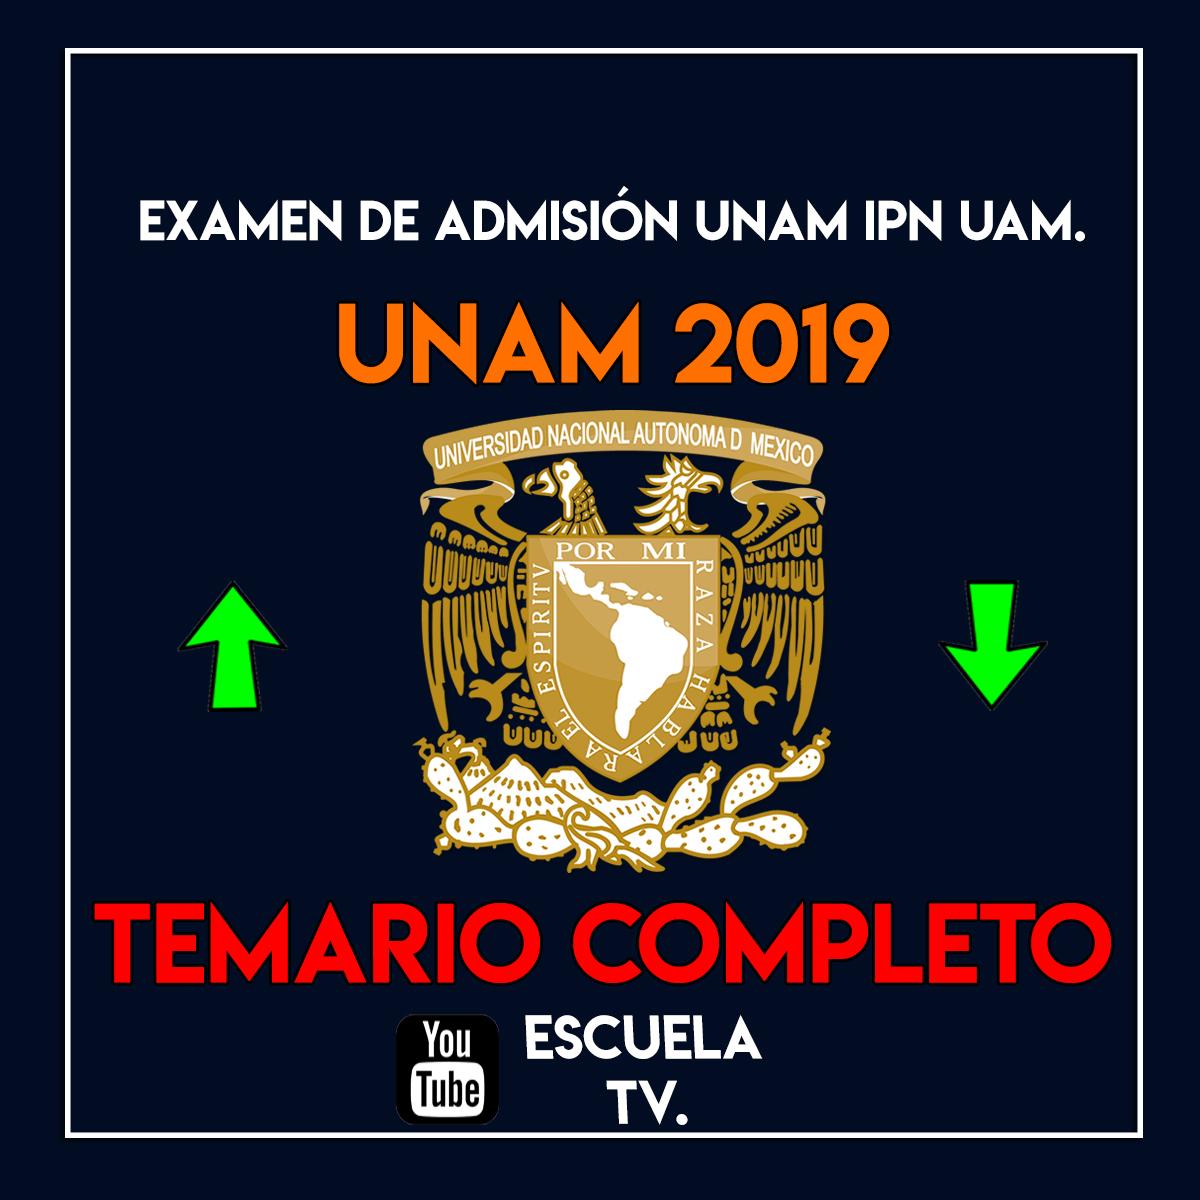 Temario completo para examen de admisión UNAM 2019.